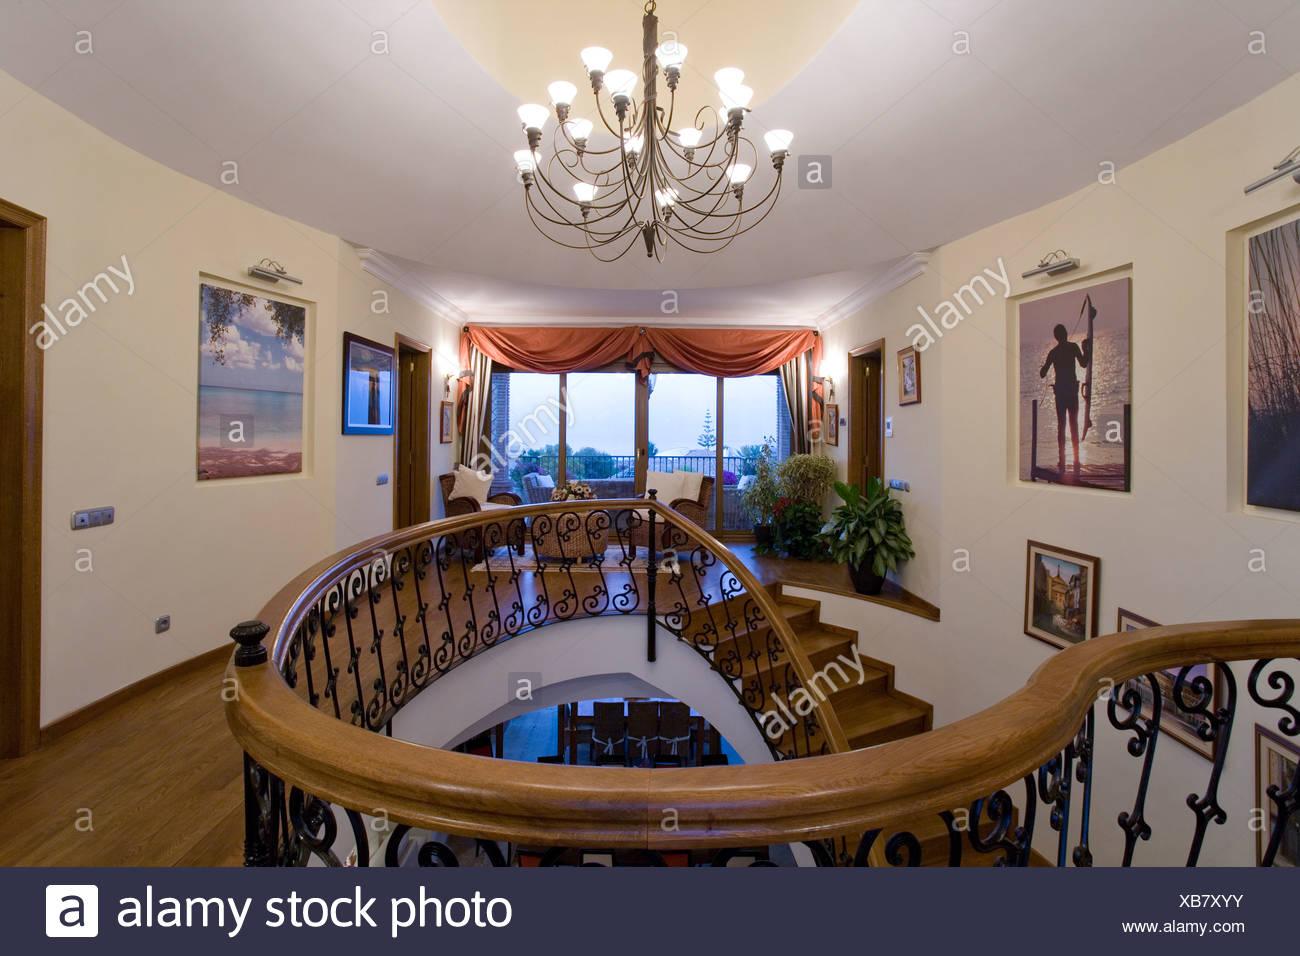 Kronleuchter Treppe ~ Landung mit beleuchteten metall kronleuchter über treppe mit